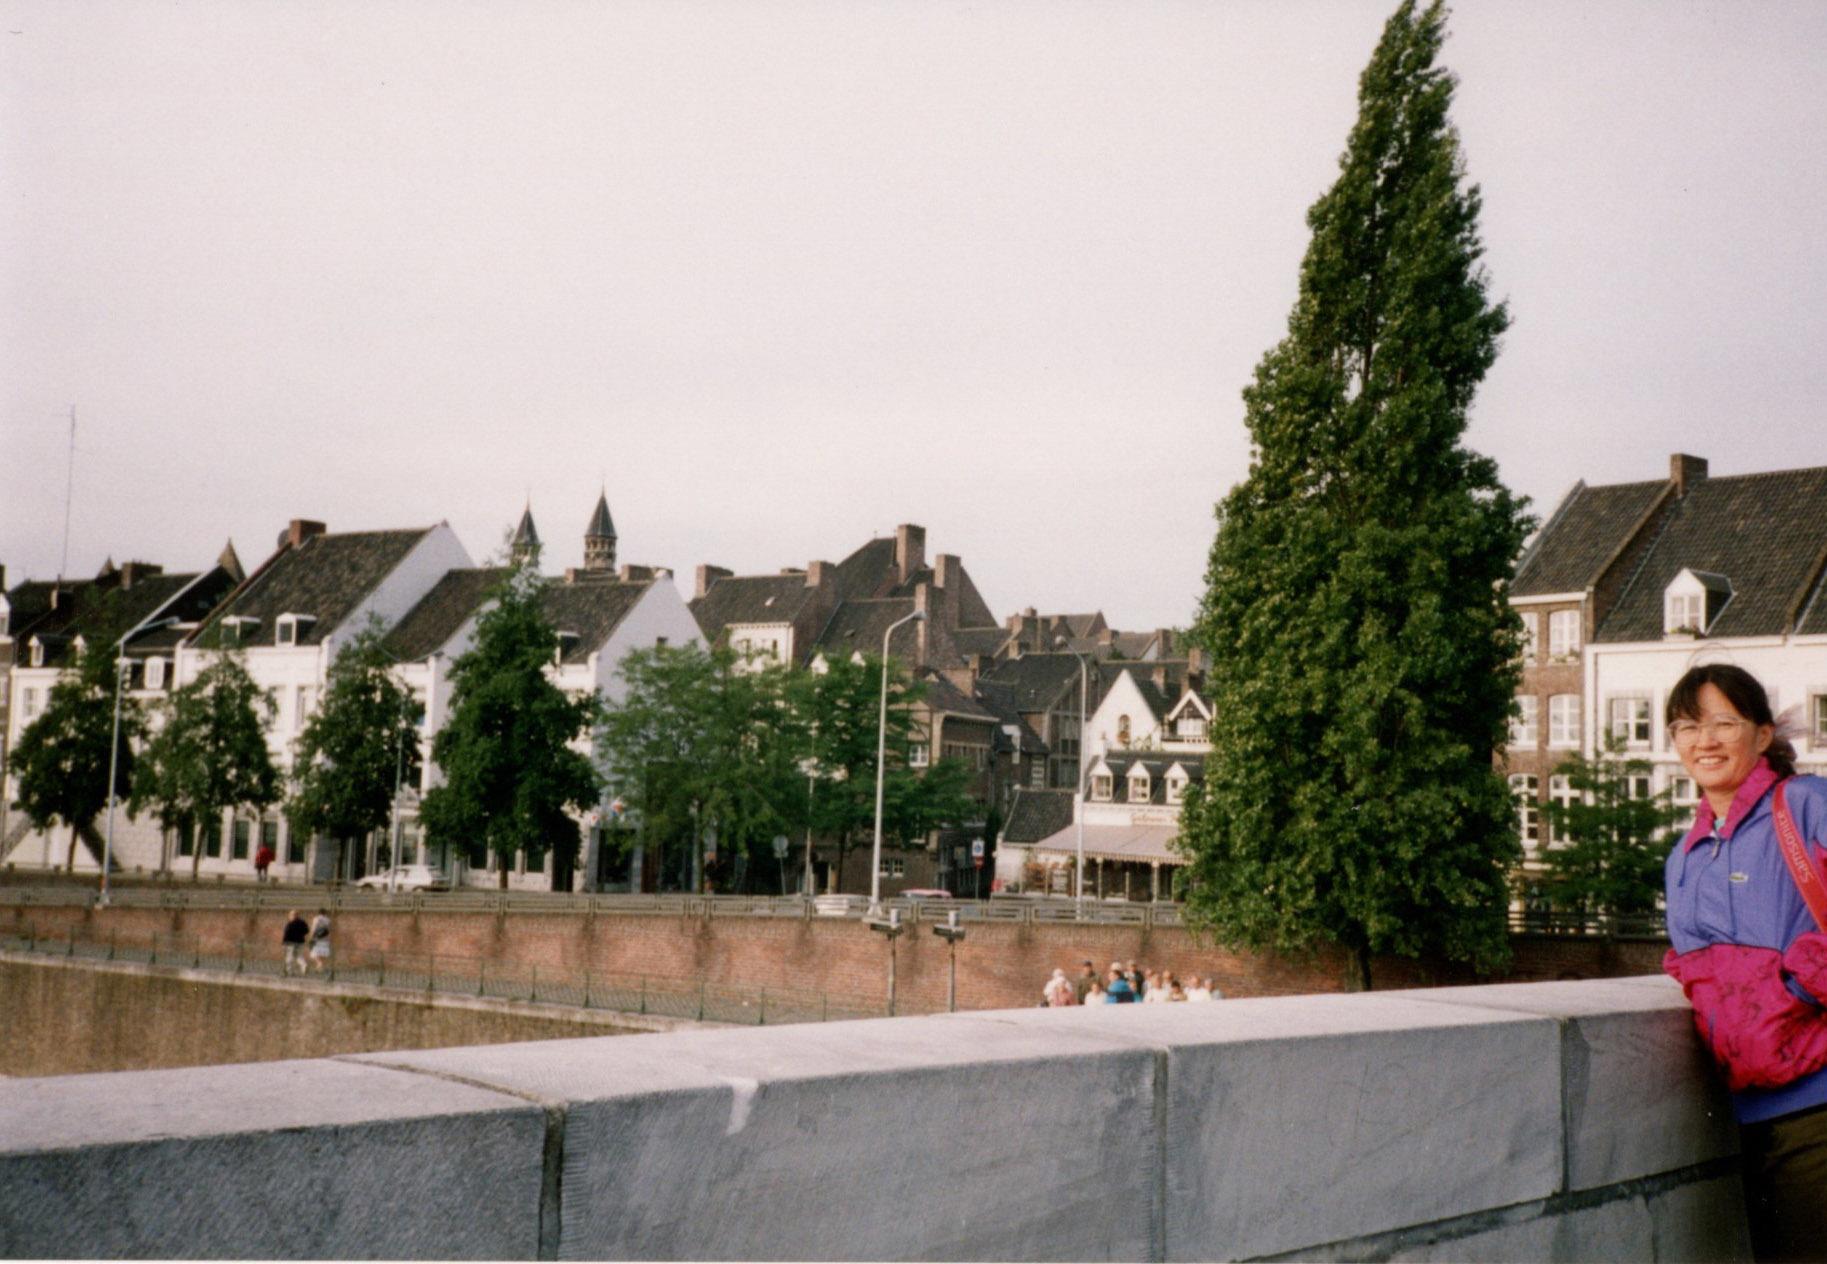 オランダ最古の町、マーストリヒト_d0193569_07564599.jpg